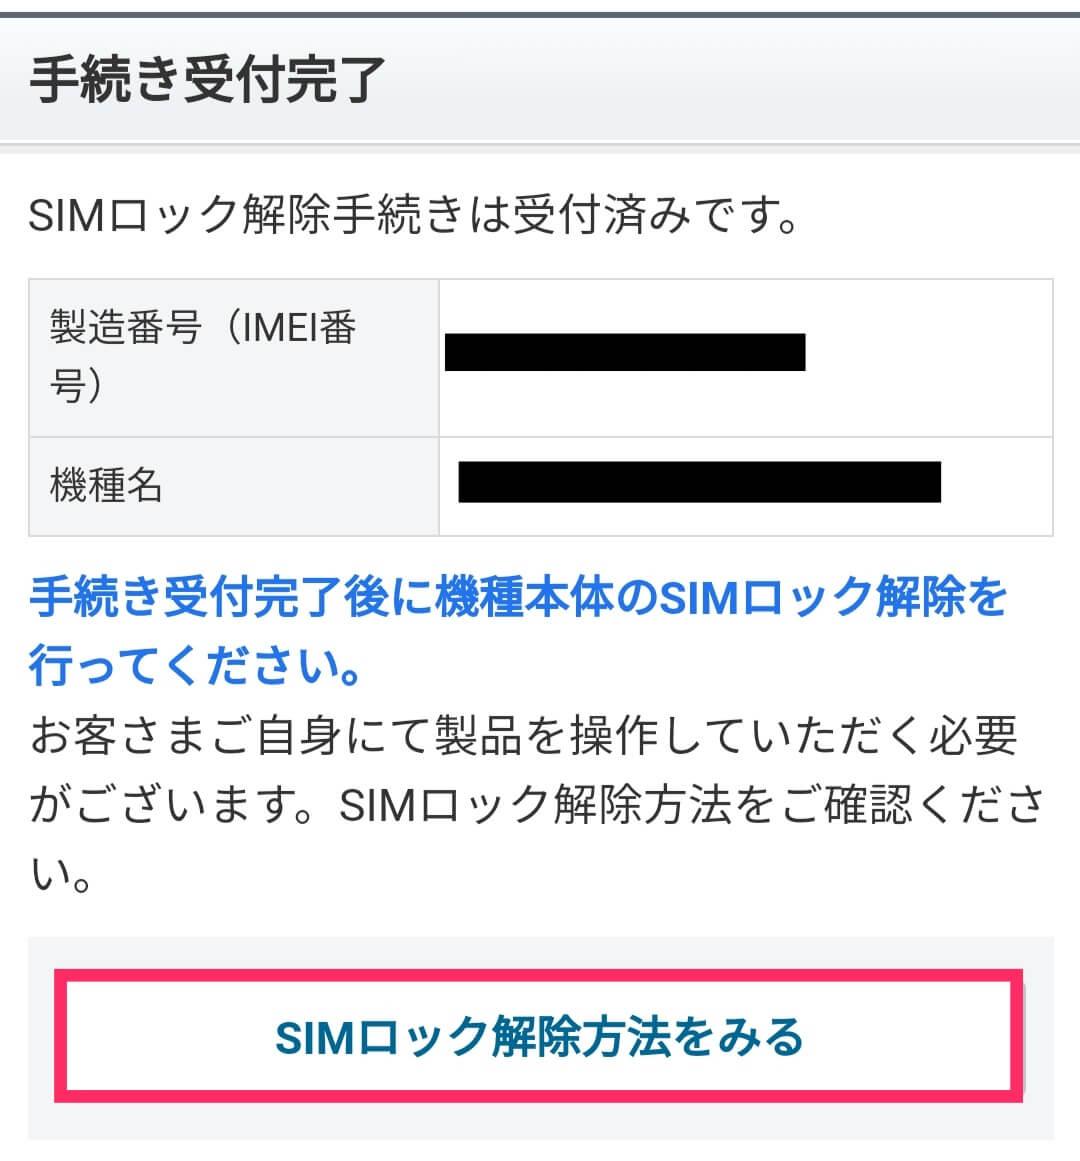 ソフトバンクのSIMロック解除手続き完了